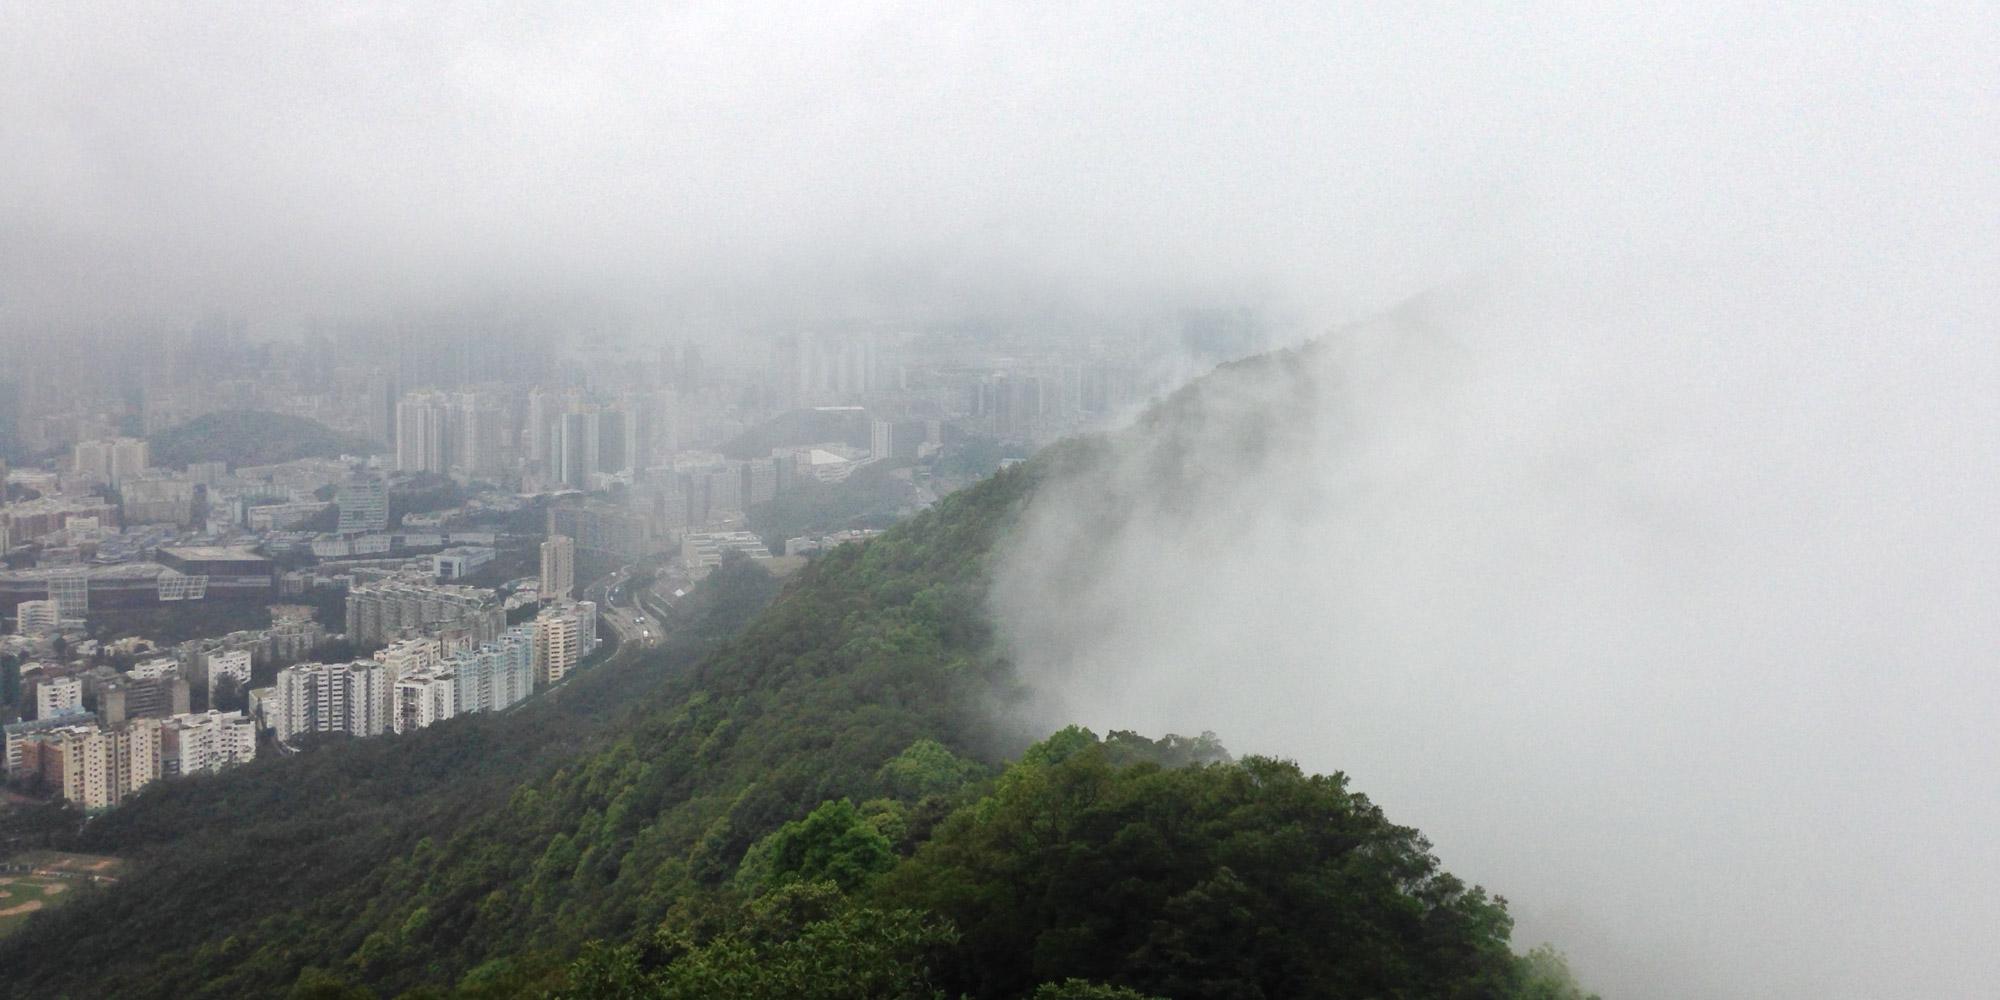 Hong kong wall of fog